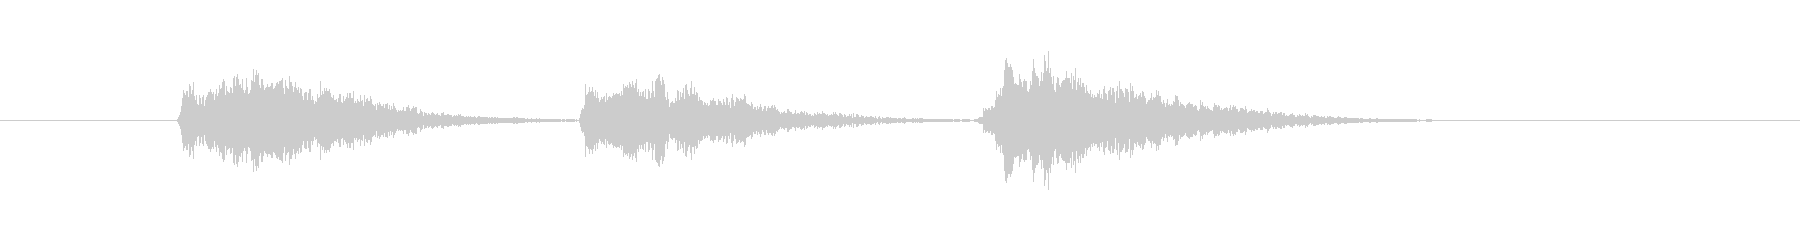 ゲーム等、開始前カウント(3-2-1)Dの未再生の波形